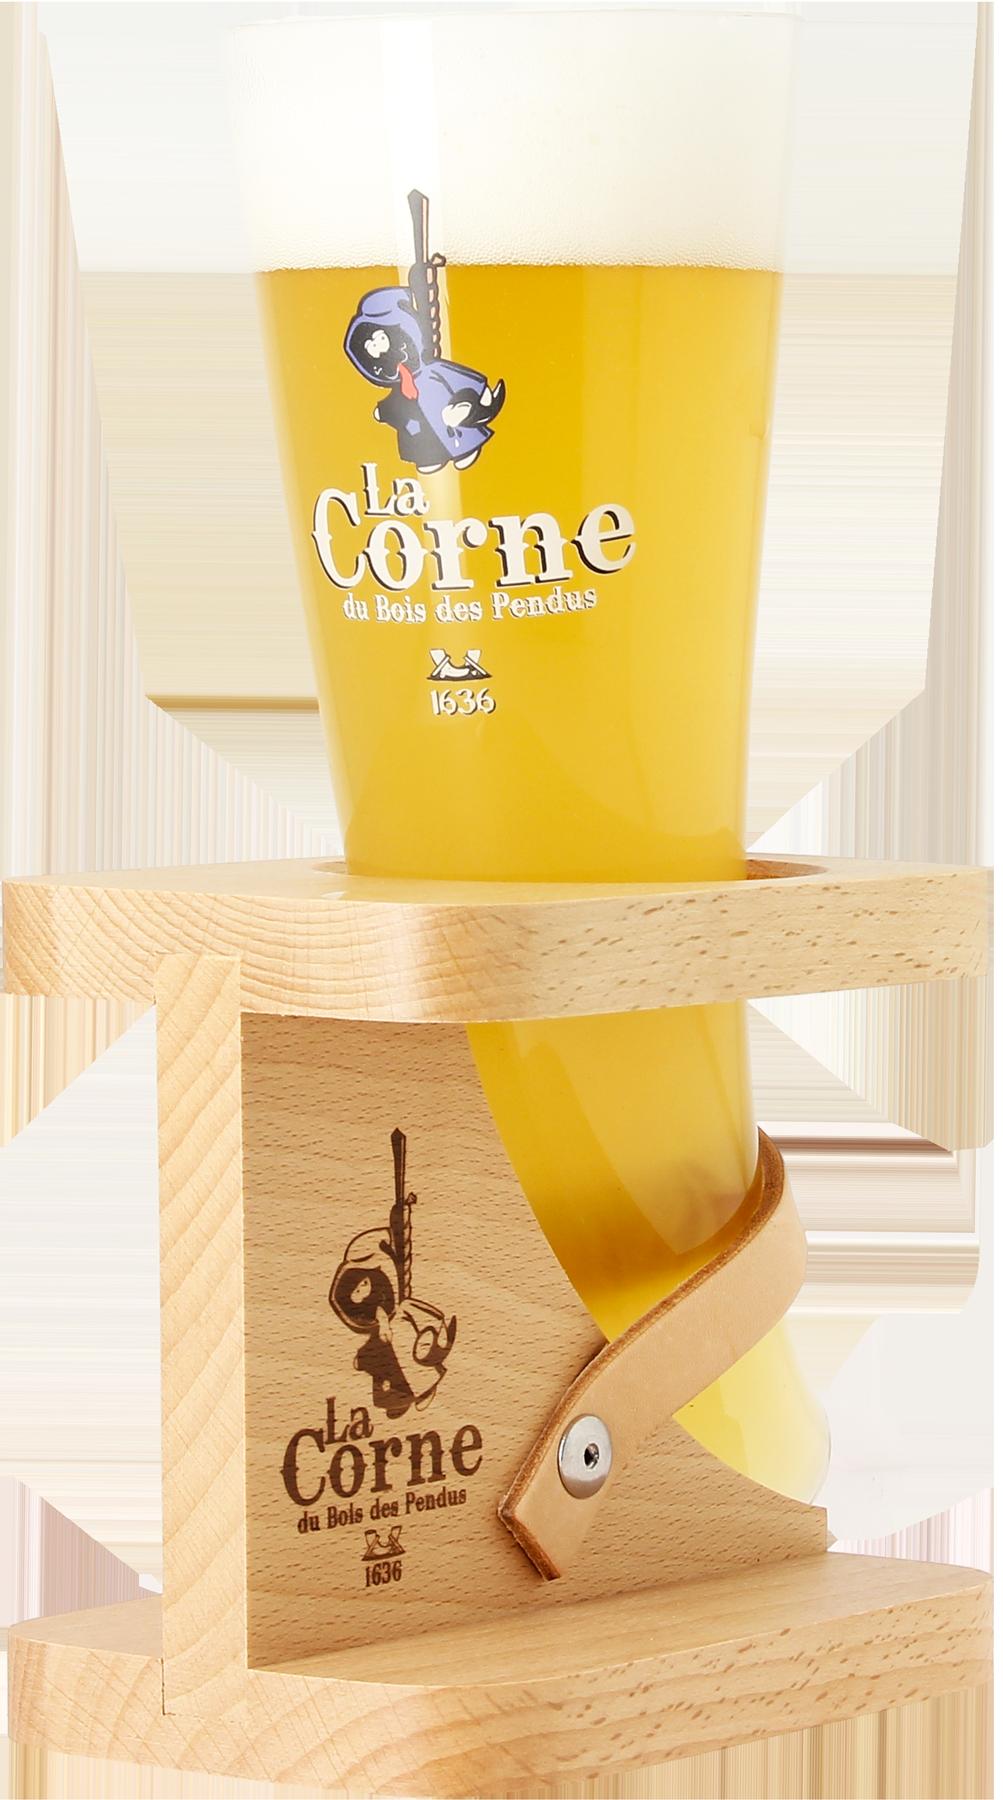 Copa de cuerno La Corne